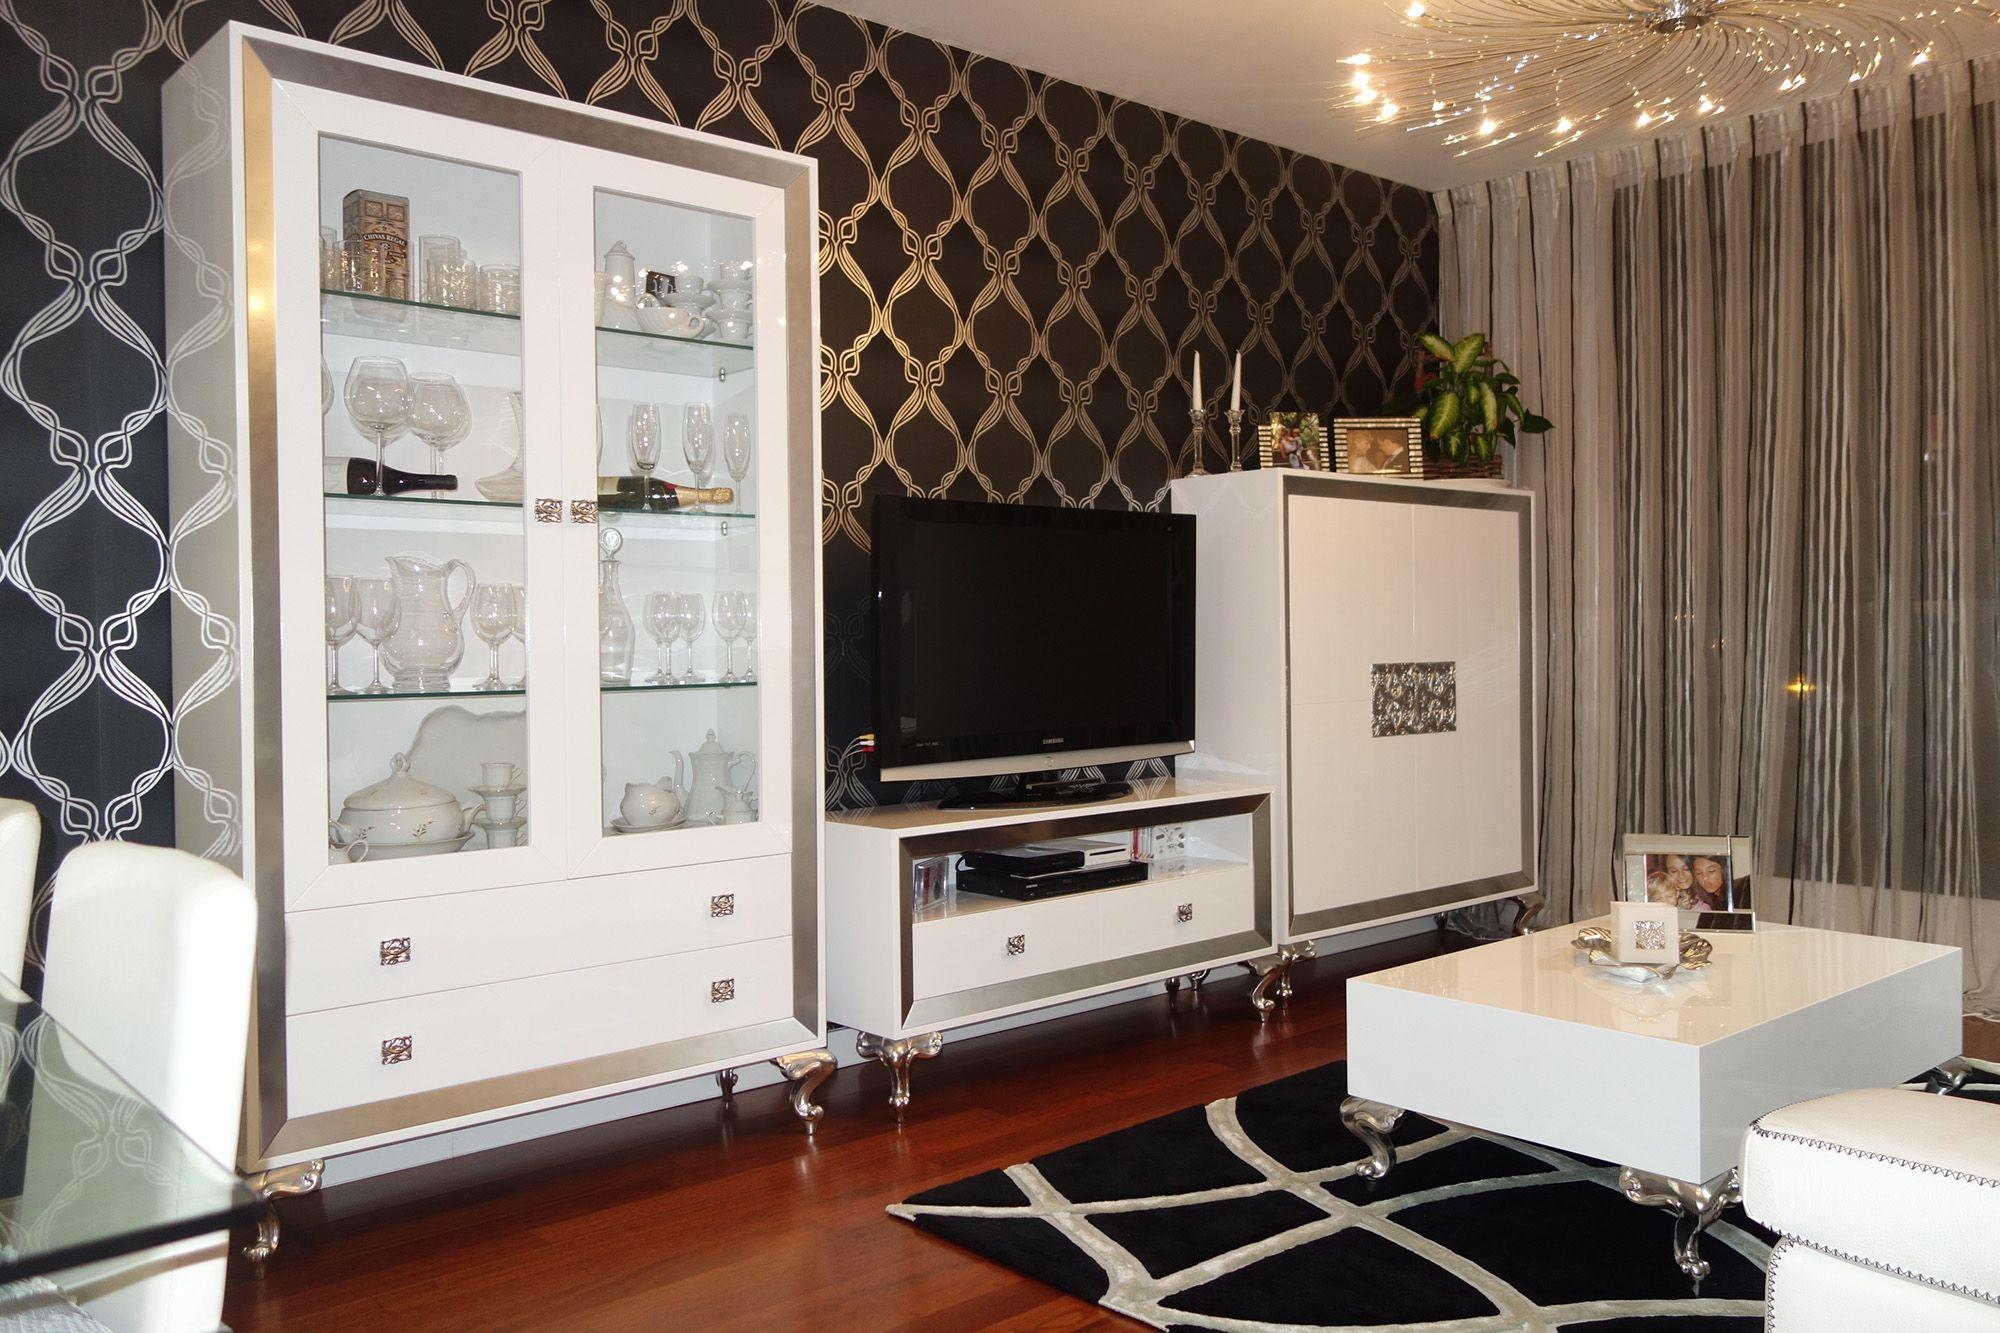 Mueble sal n lacado en blanco y plata villalba for Mueble salon lacado blanco